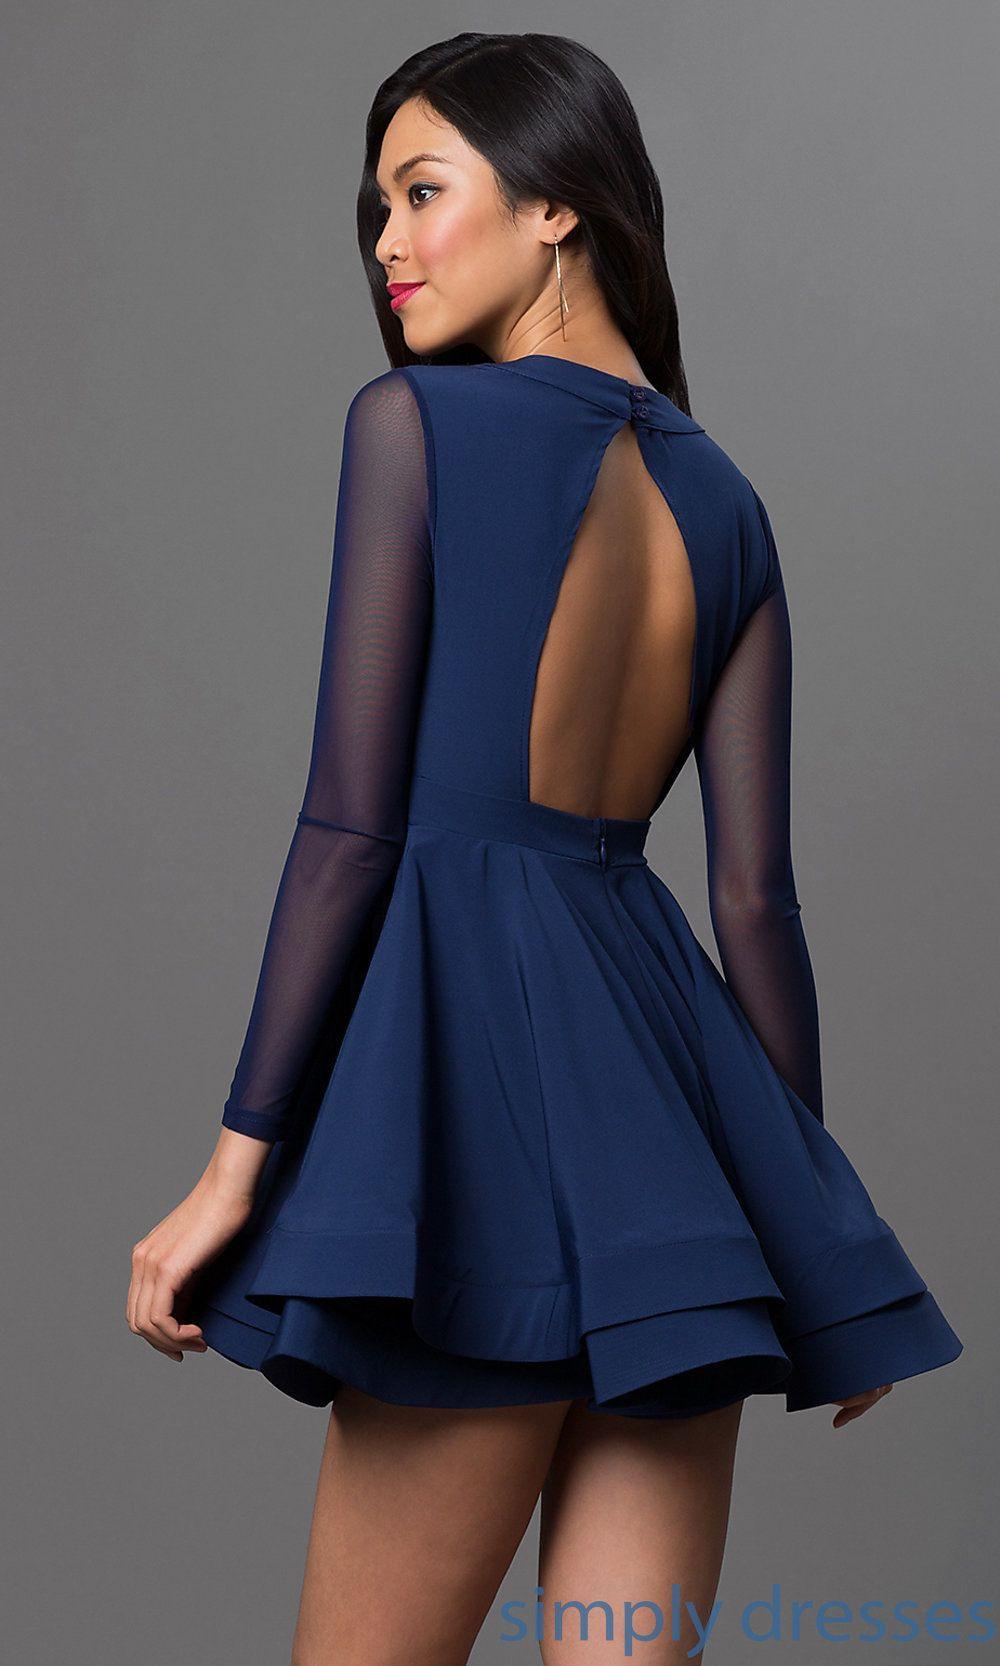 20 Perfekt Schicke Kleider Für Besondere Anlässe Spezialgebiet Kreativ Schicke Kleider Für Besondere Anlässe Bester Preis